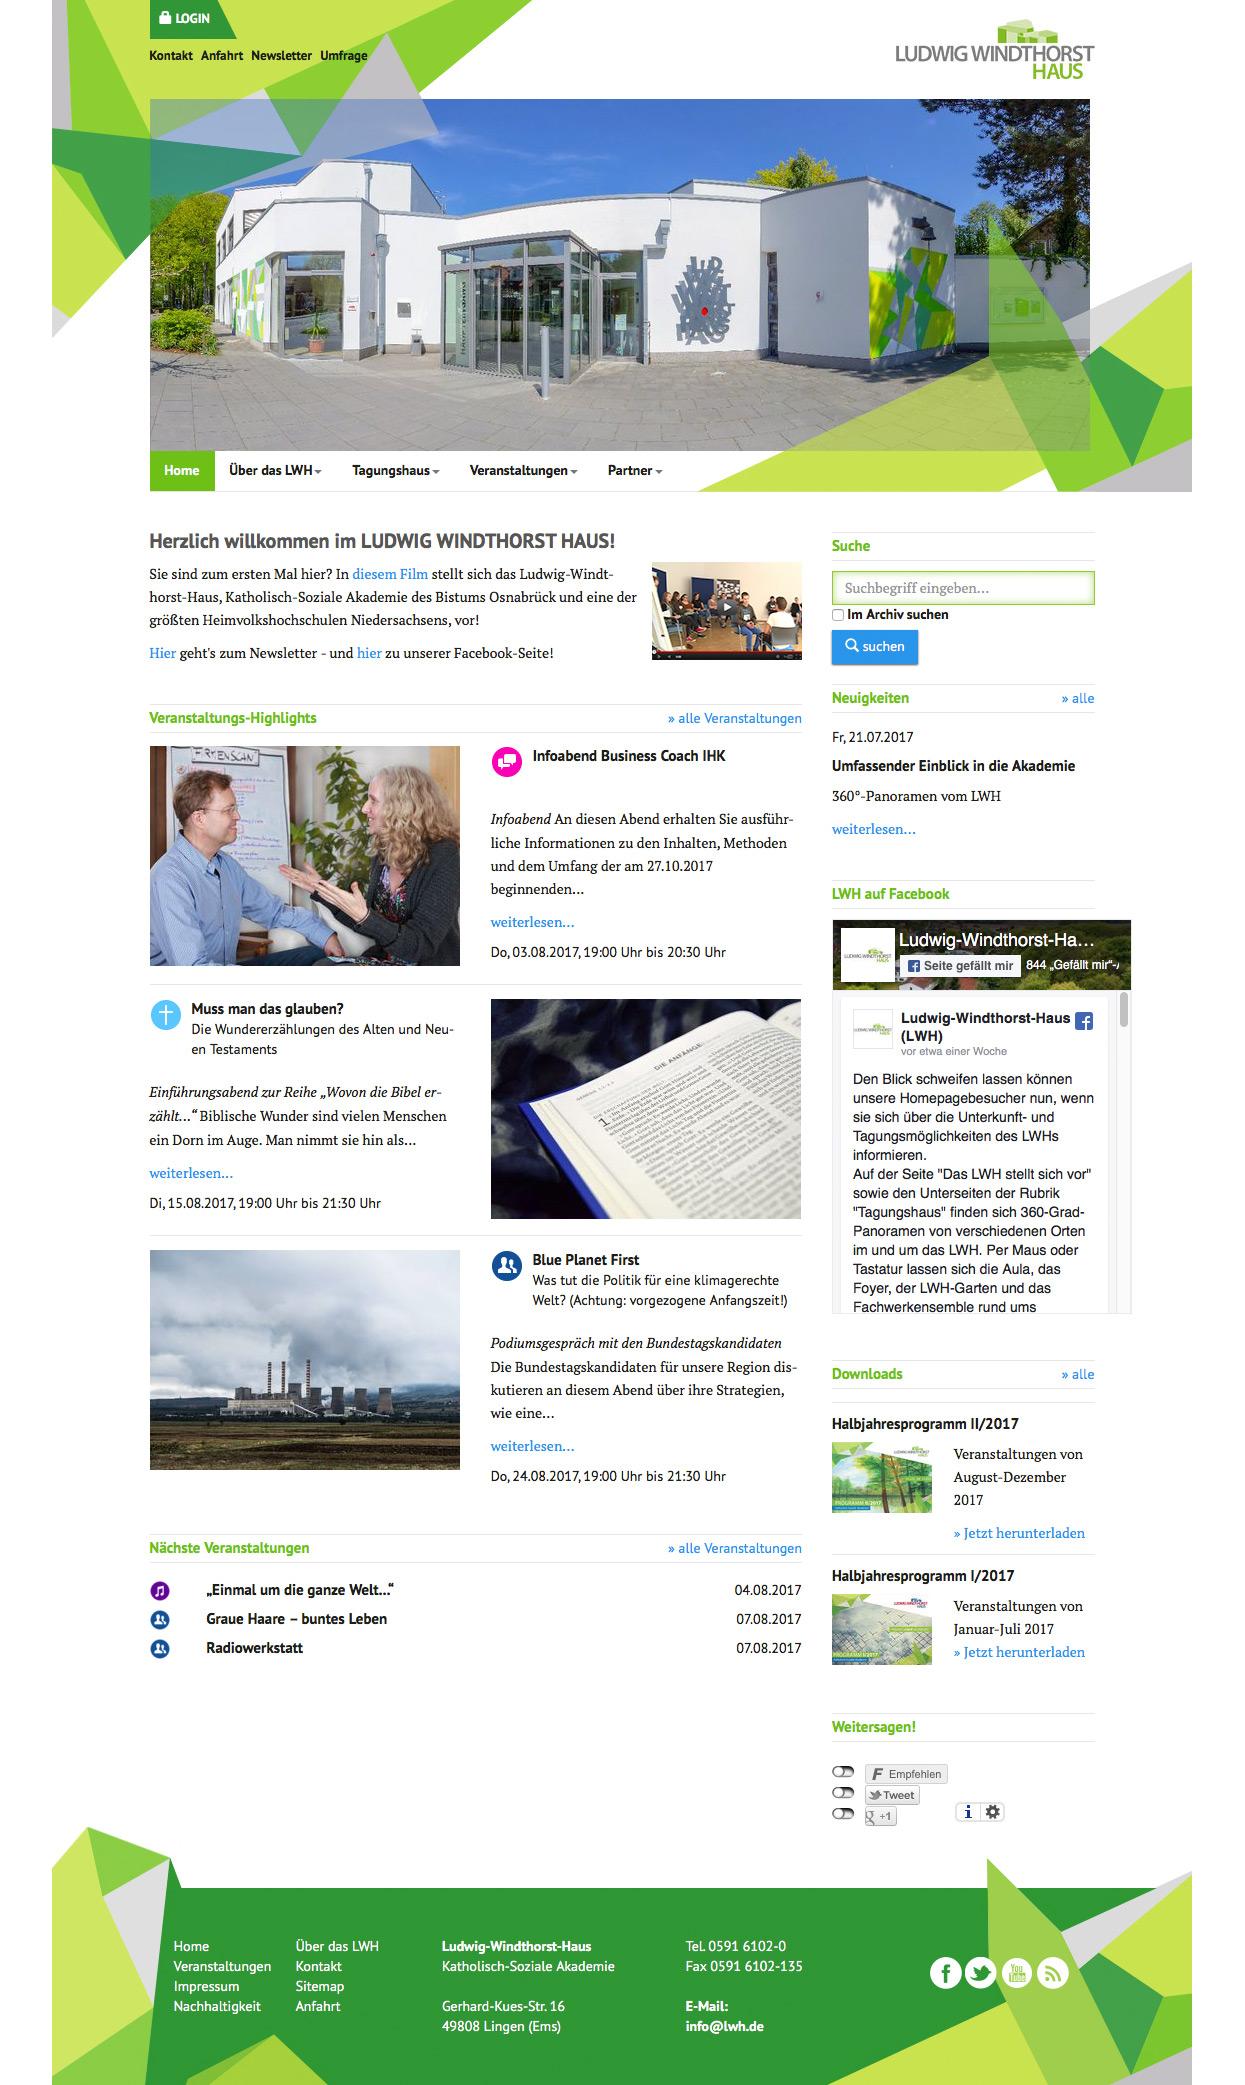 LWH Ludwig Windthorst Haus Webseite Webseite Seminare Veranstaltungsmodul Typo 3